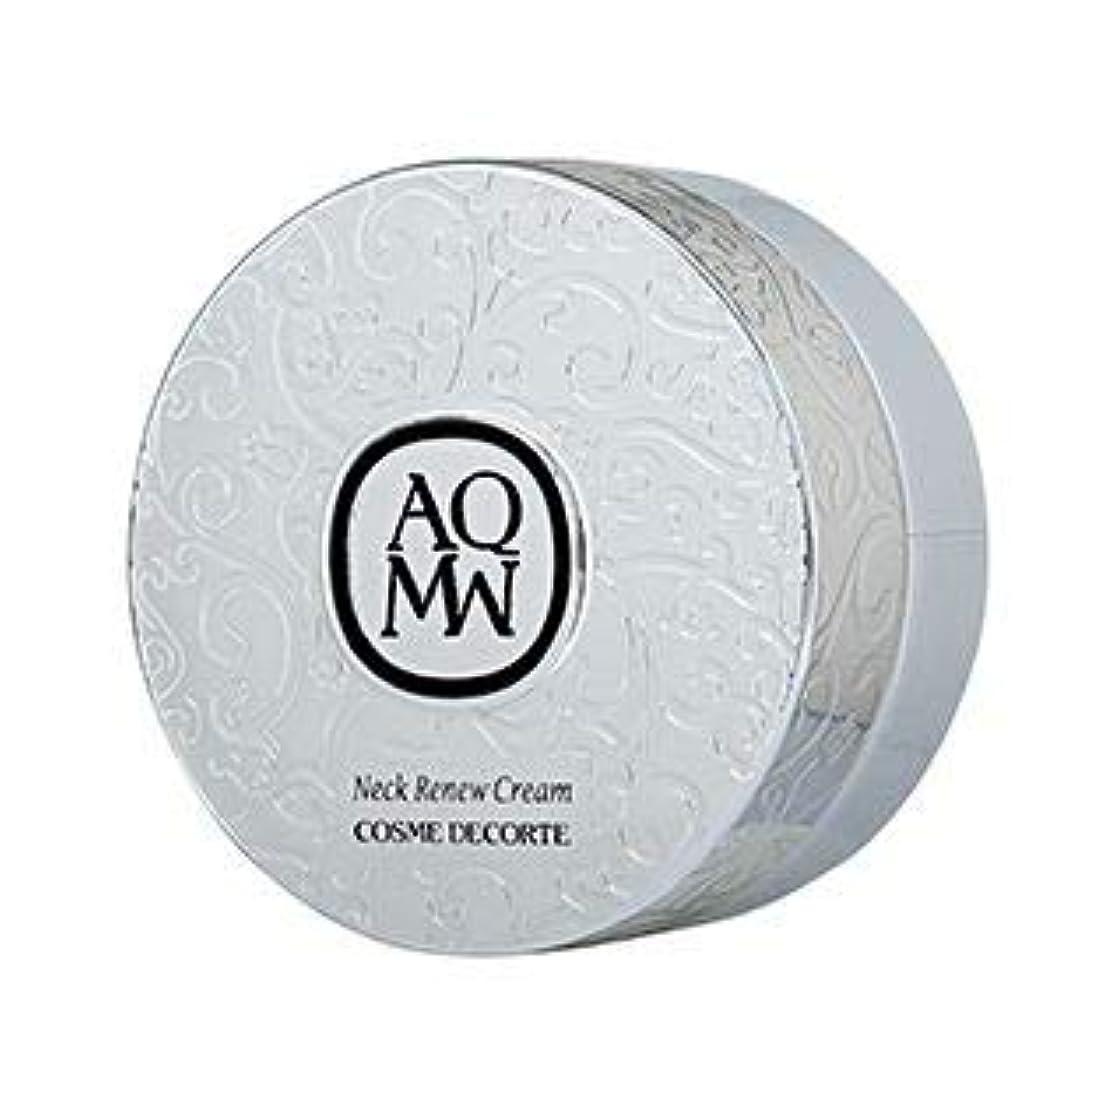 スリンク低下神秘的なコスメデコルテ(Cosme Decorte) AQMW ネック リニュークリーム 50g [並行輸入品]